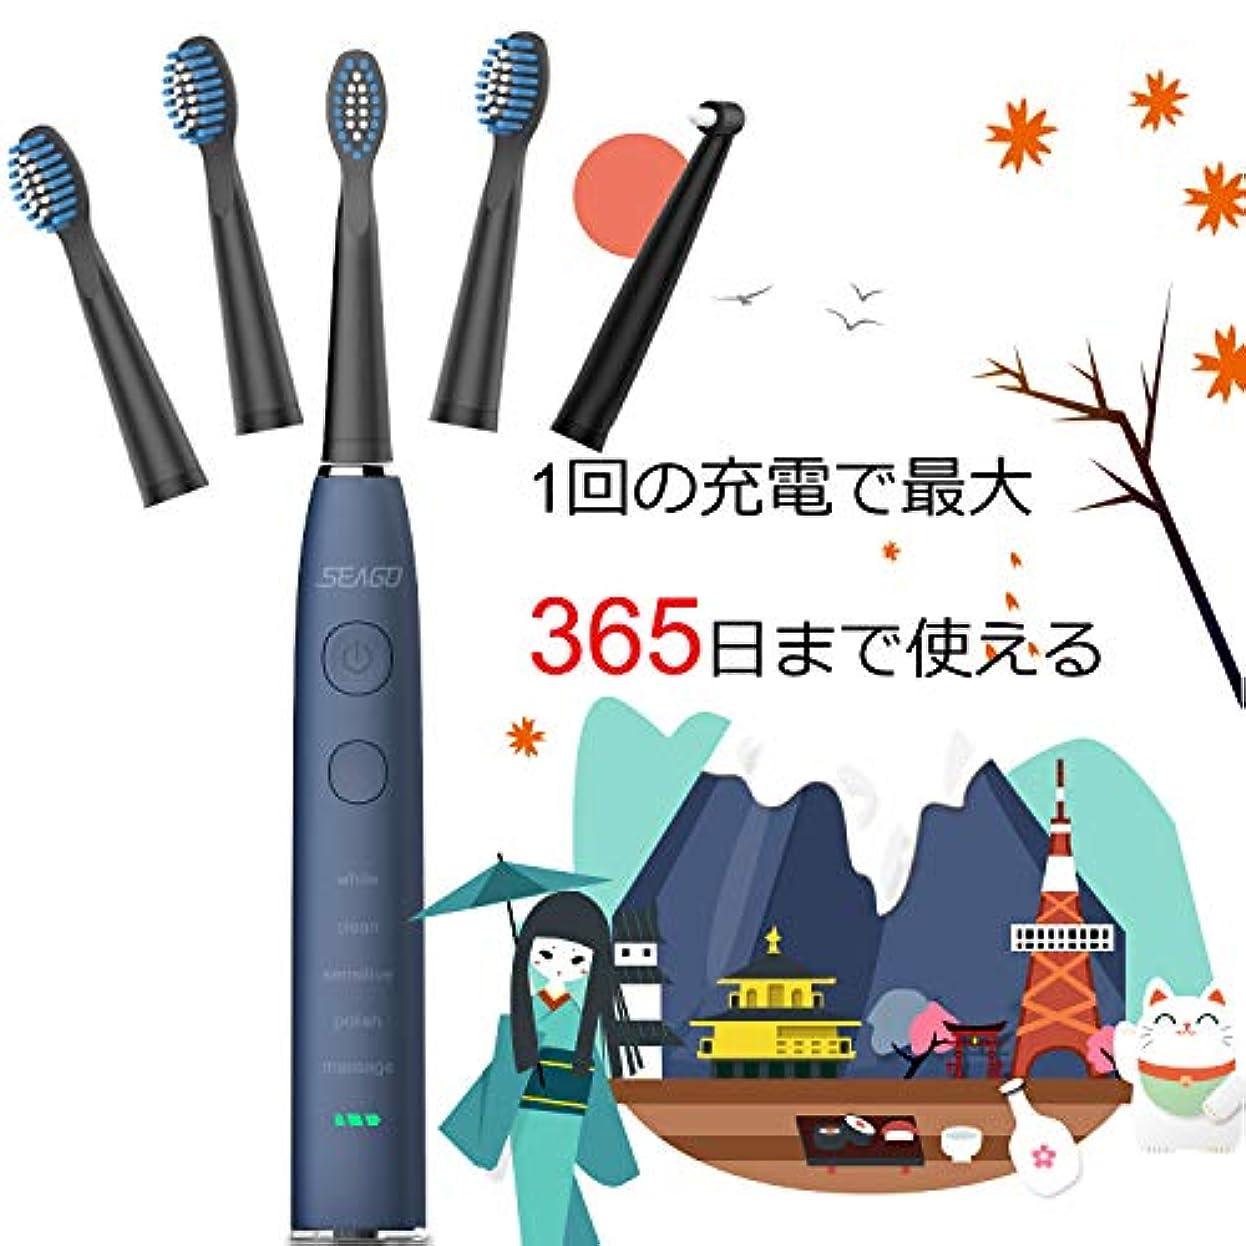 モンゴメリー好意的毎月電動歯ブラシ 歯ブラシ seago 音波歯ブラシ USB充電式8時間 365日に使用 IPX7防水 五つモードと2分オートタイマー機能搭載 替えブラシ5本 12ヶ月メーカー保証 SG-575(ブルー)